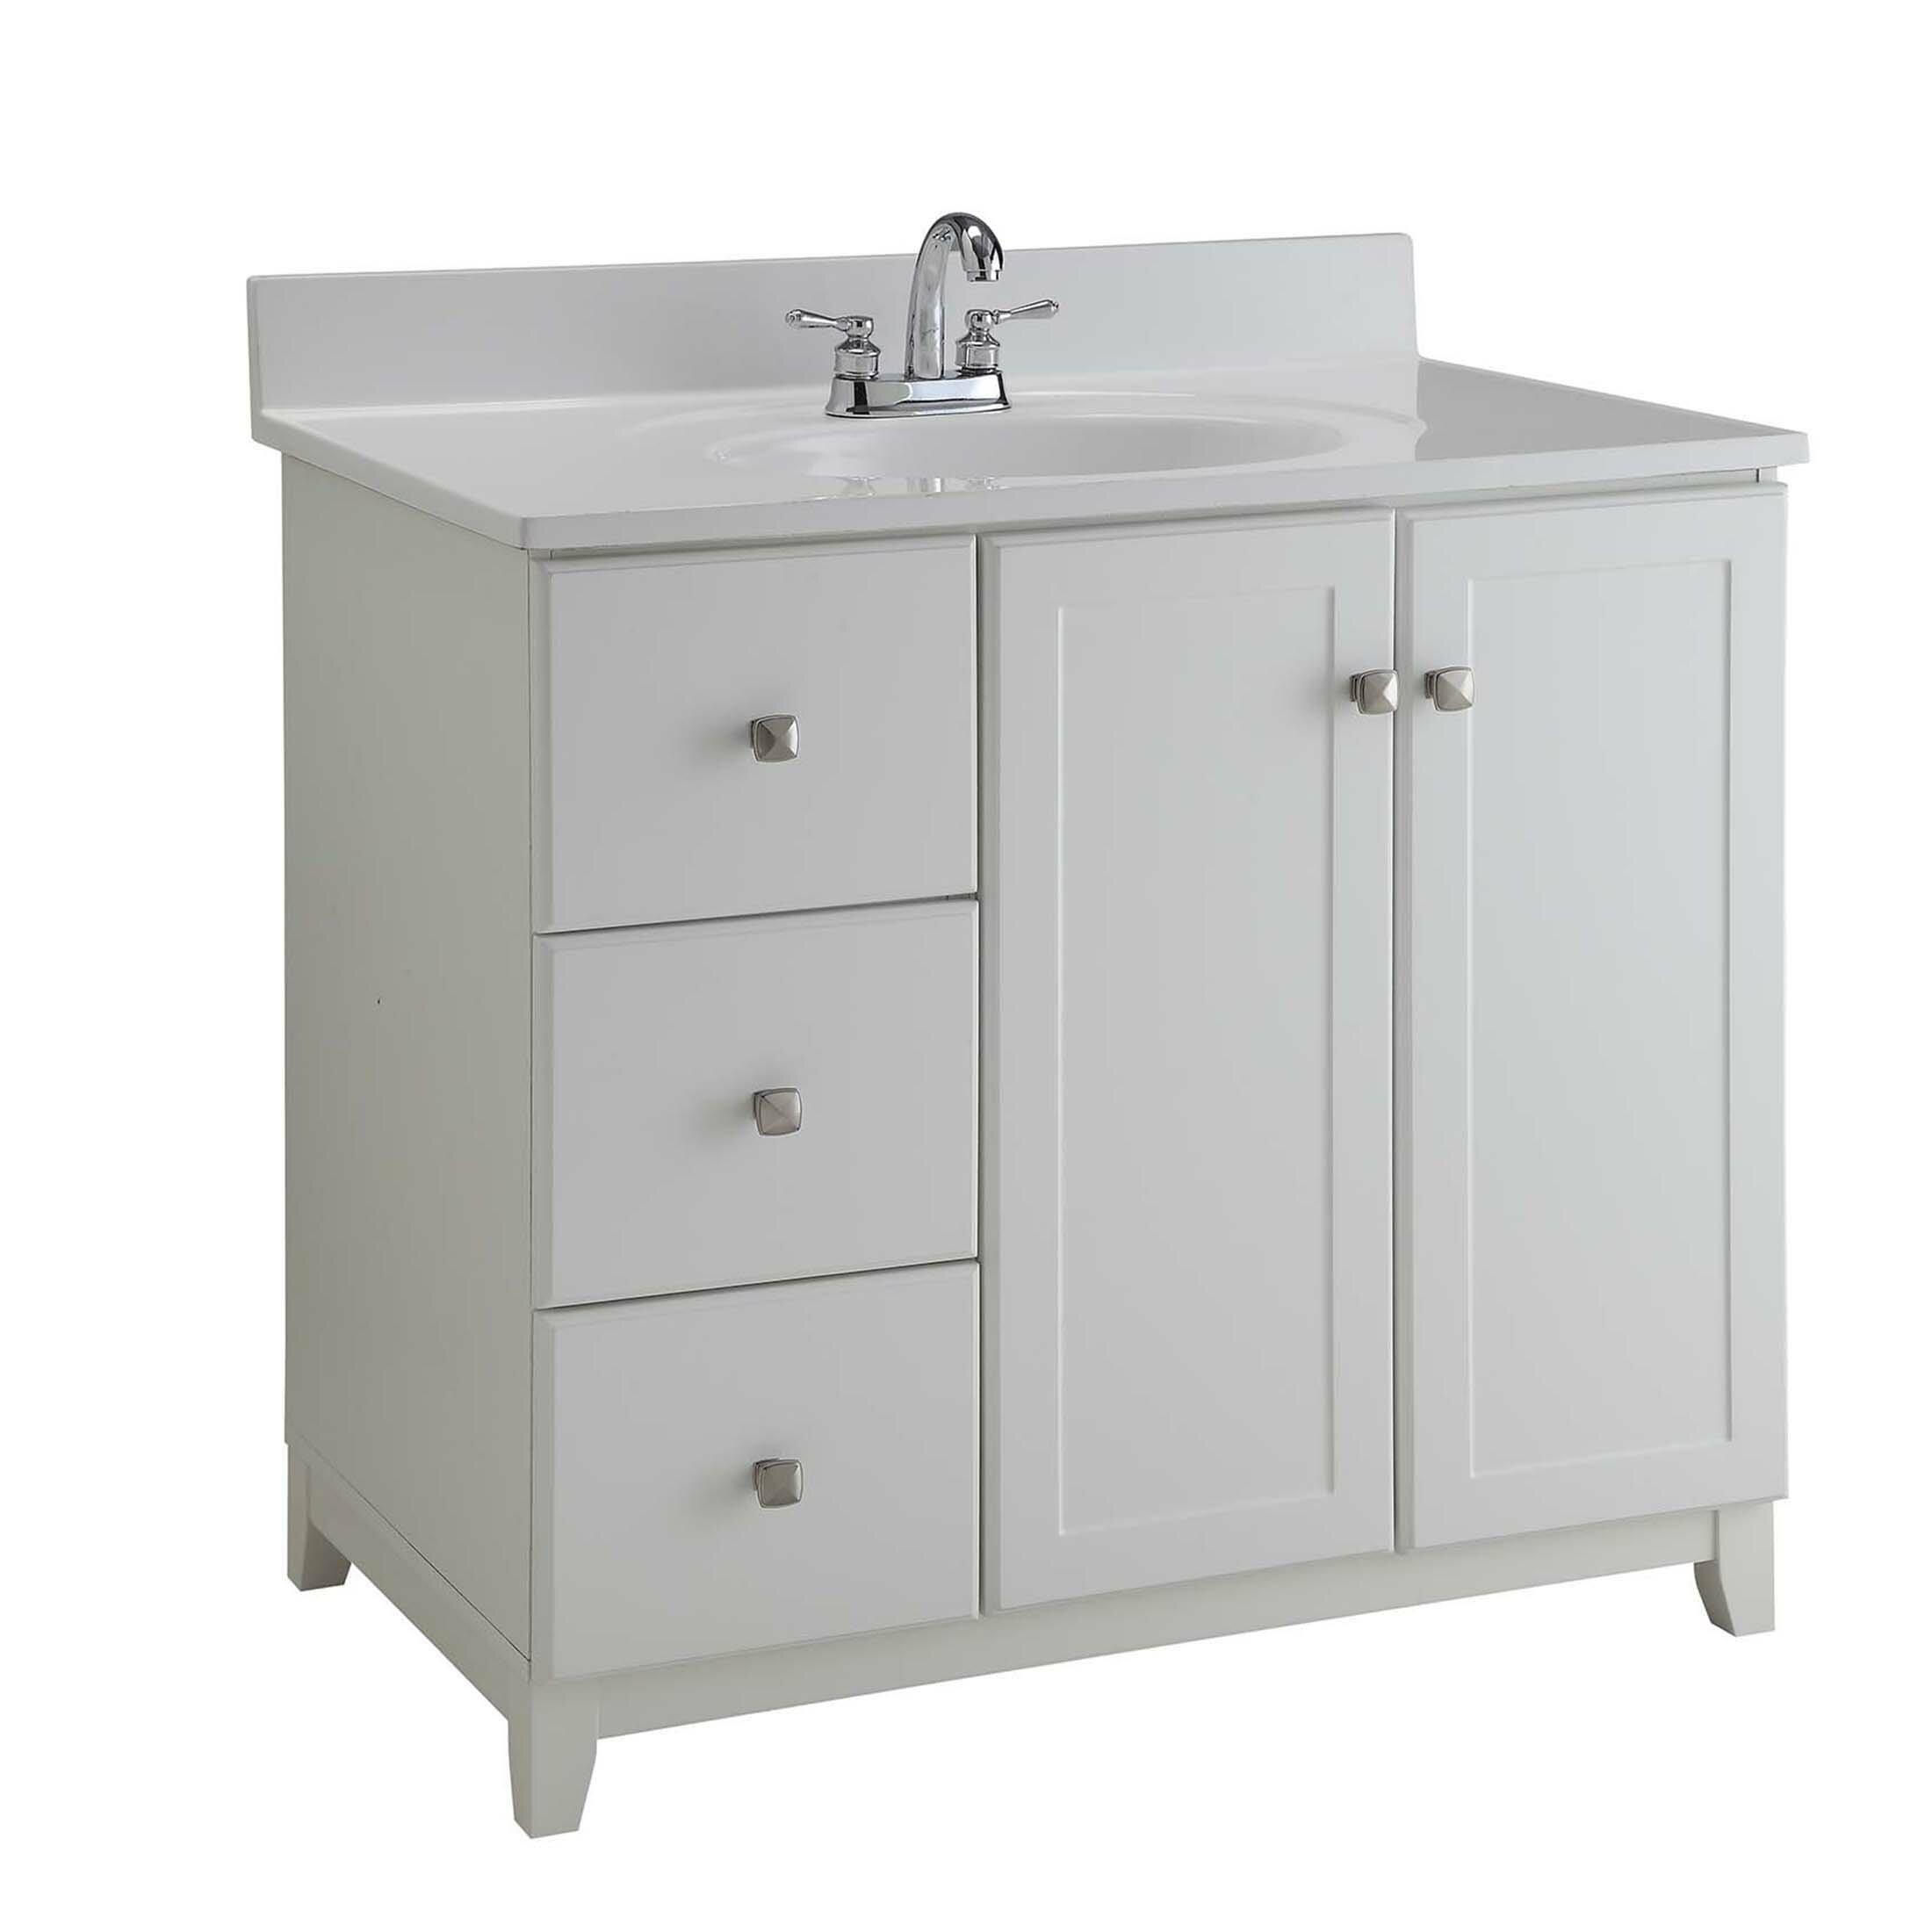 Bathroom Vanity Base Design House 36 Single Bathroom Vanity Base Reviews Wayfair